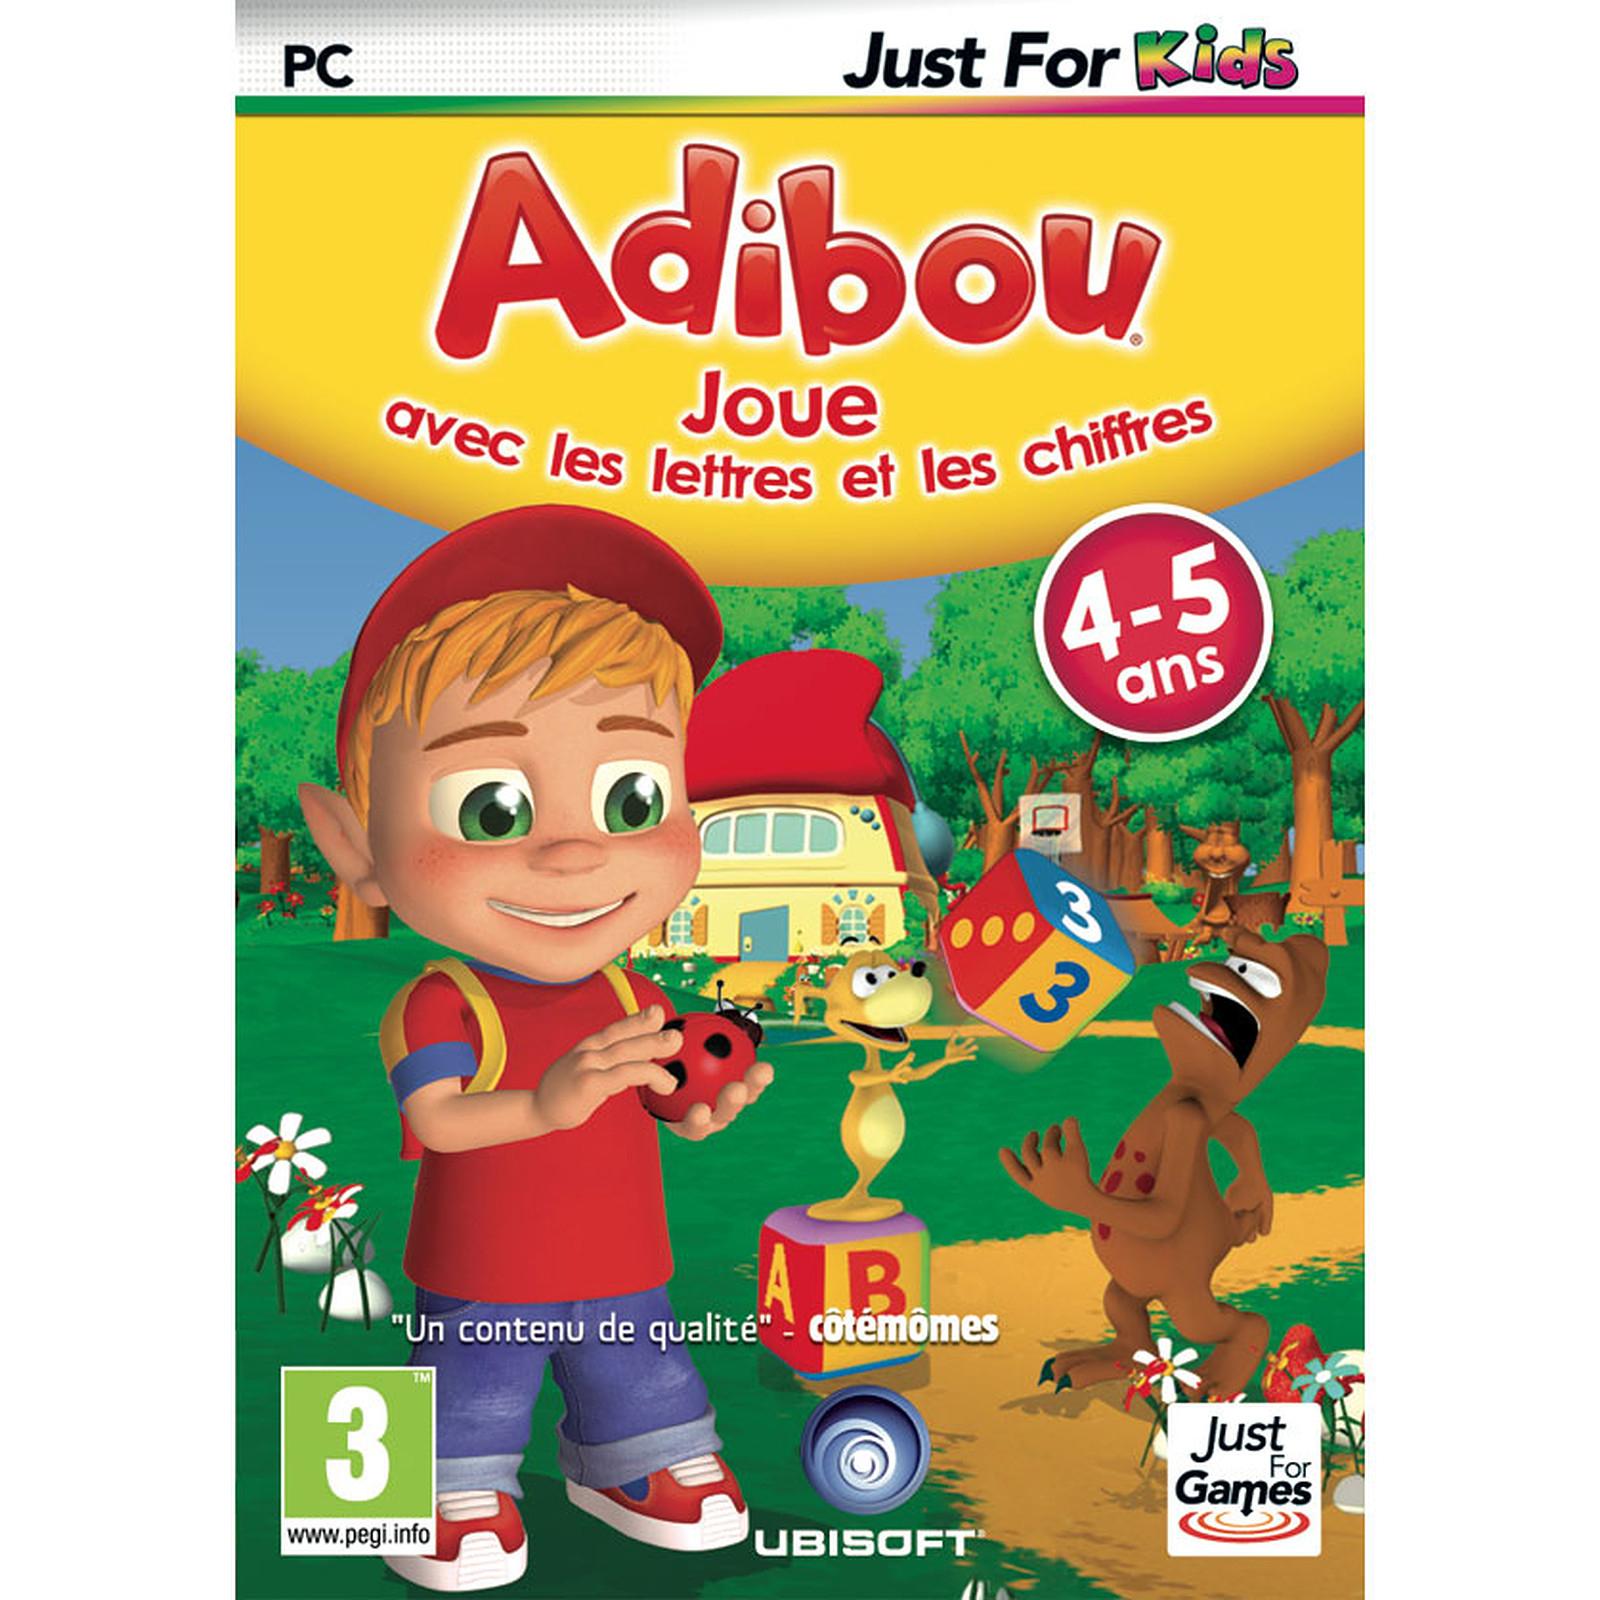 Adibou 4/5 Ans Joue Avec Les Chiffres Et Les Lettres (Pc encequiconcerne Jeu Pc Adibou